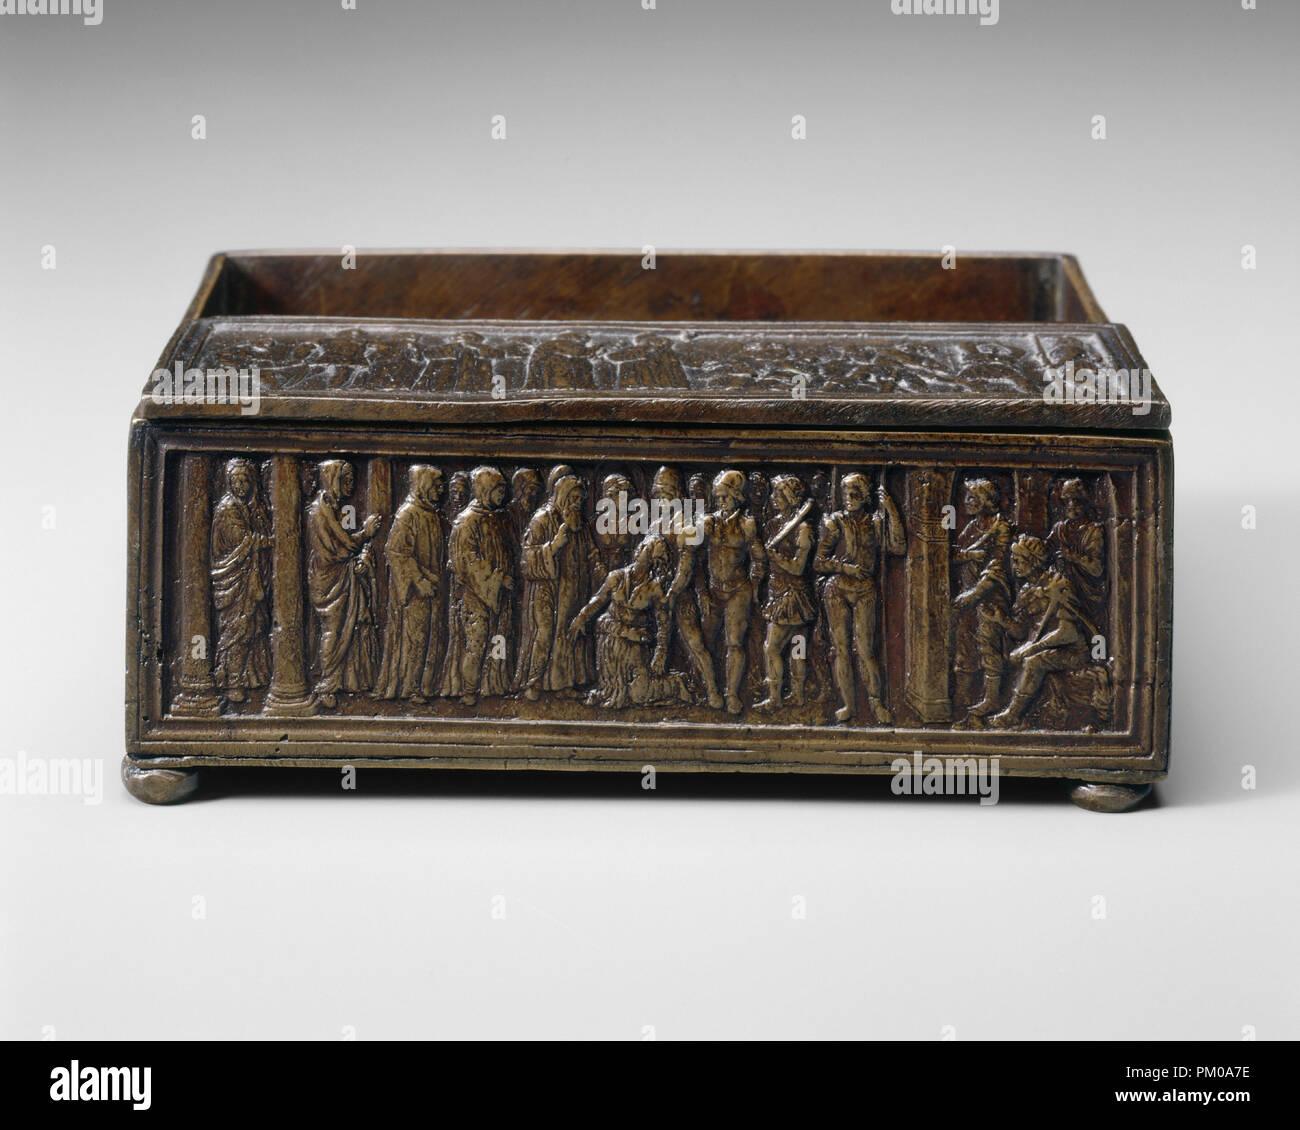 Saint Simeon von Polirone auszutreiben, die Tochter des Königs von León. Vom: Wahrscheinlich C. 1516. Maße: Gesamt: 6,11 x 18,85 cm, 285gr (2 3/8 x 7 7/16 in., 0.628 lb.). Medium: Bronze//Medium braune Patina. Museum: Nationalgalerie, Washington DC. Autor: Bartolomeo Spani. Stockbild